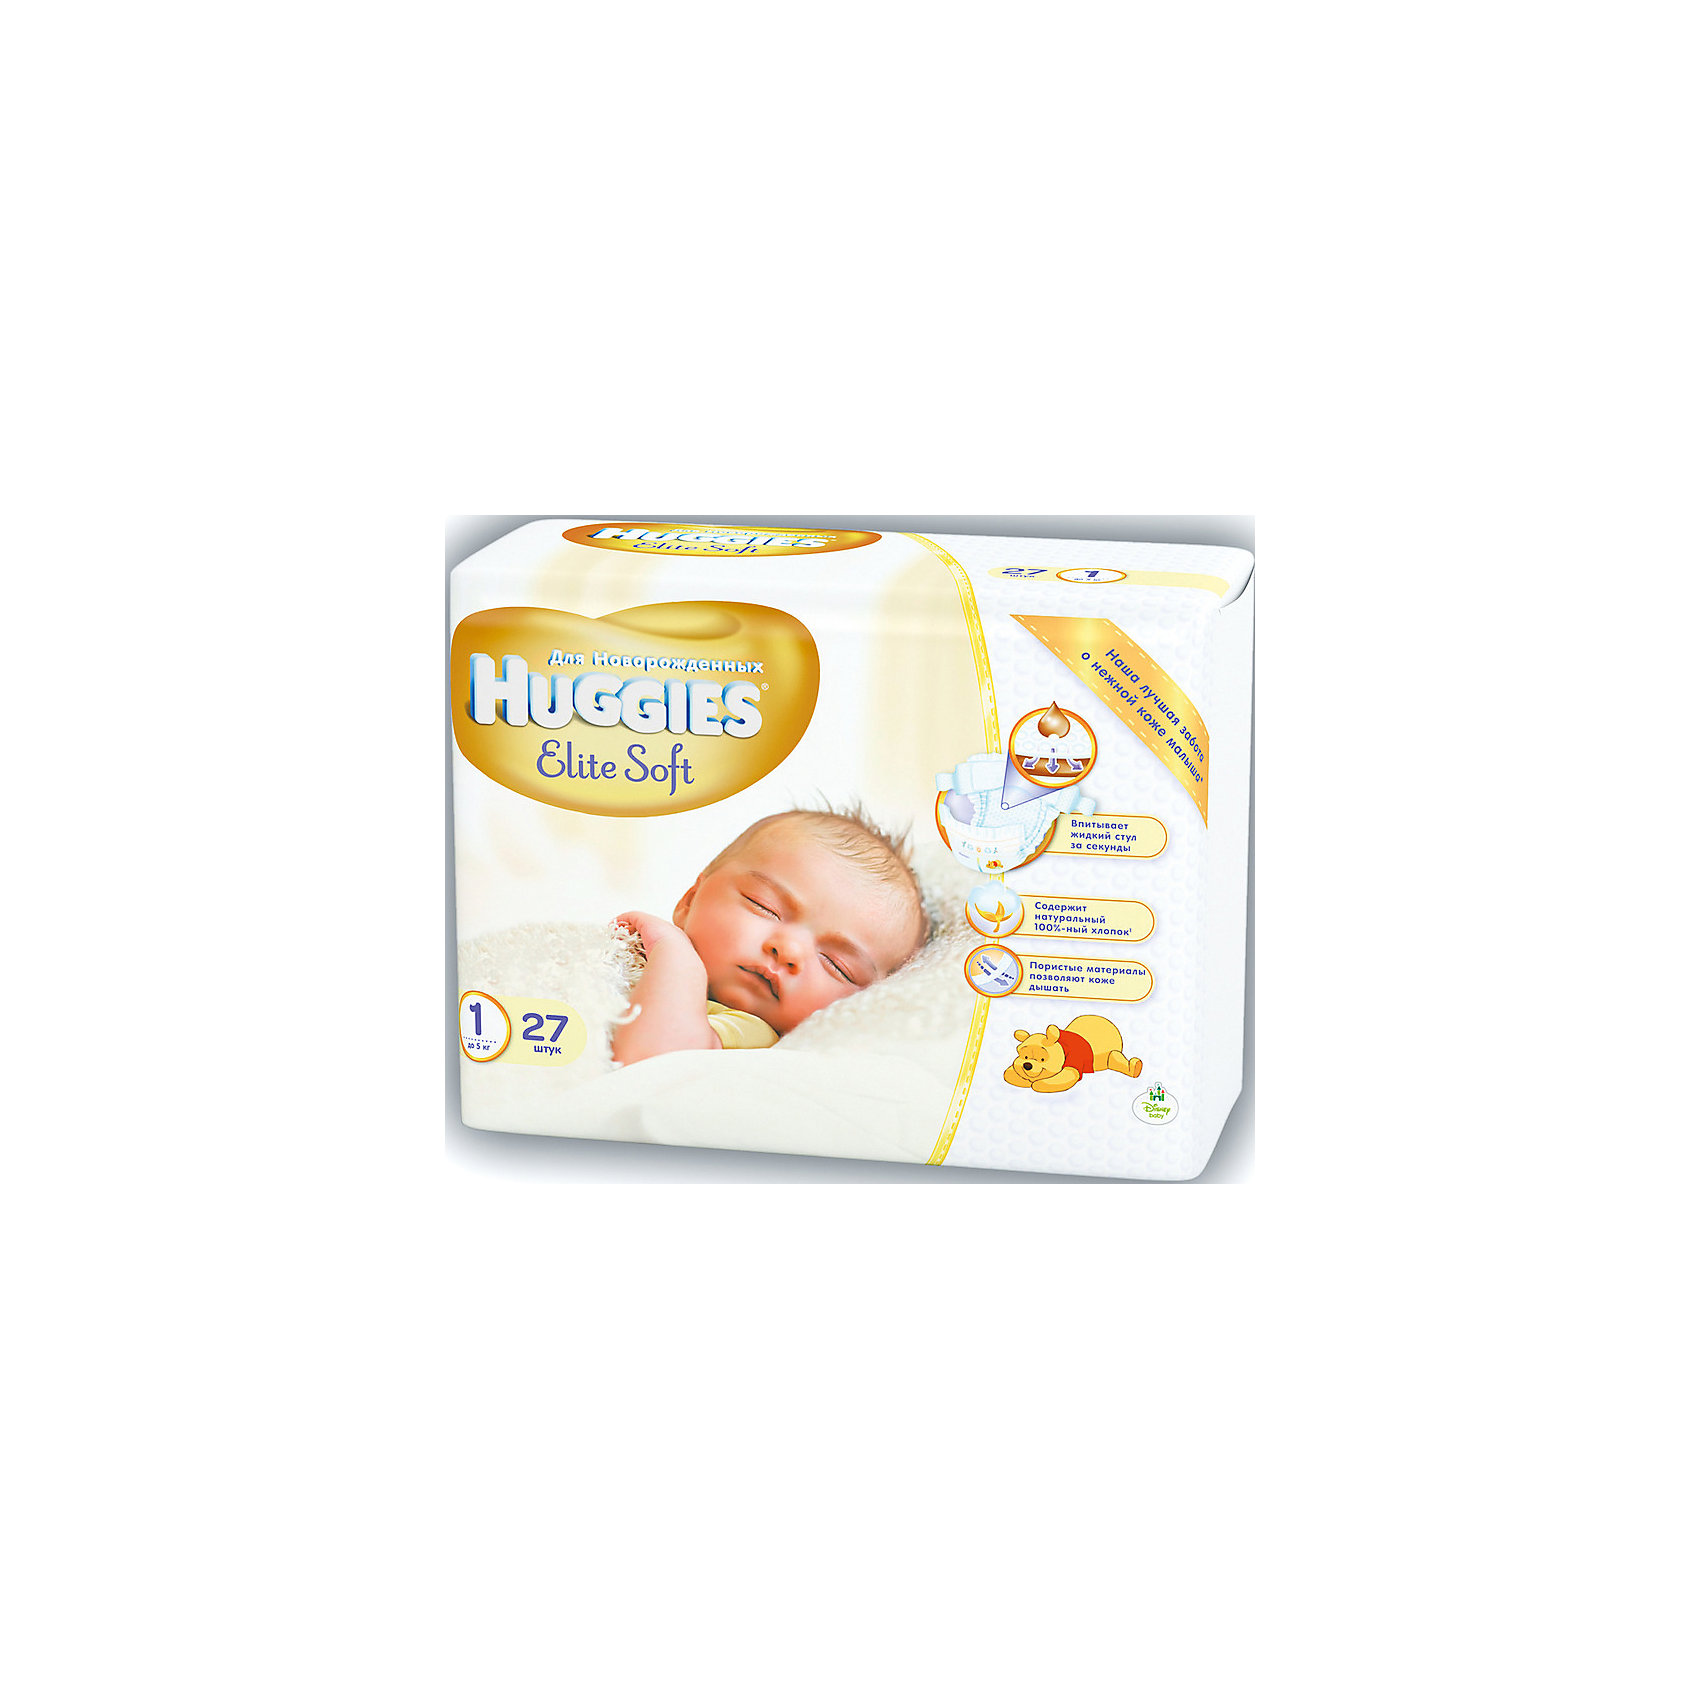 Подгузники Elite Soft 1, до 5 кг, 27 шт., HuggiesПодгузники до 5 кг.<br>Новаторская разработка Huggies –  это супер-мягкий слой подгузников Текстор с  подушечками, который обеспечивают невероятную мягкость и создают специальную нежную преграду между кожей ребенка и жидким стулом. <br><br>Свойства:<br>- Мягкий суперэластичный пояс для лучшего прилегания.<br>- Застежки легко застегиваются и расстегиваются в любом месте подгузника.<br>- Содержит натуральный 100%-ный хлопок.<br>- Пористые материалы позволяют коже дышать.<br>-  Внутренний кармашек помогает предотвратить протекание.<br>- Новый супер мягкий слой SoftAbsorb впитывает жидкий стул и влагу за секунды, помогая сохранить кожу сухой.<br>- Новые мягкие подушечки создают нежную преграду  между кожей малыша и жидким стулом.<br>- Индикатор влаги меняет цвет, когда подгузник намокает.<br><br>Дополнительная информация:<br><br>- Возраст: с рождения.<br>- Вес ребенка: до 5 кг.<br>- Кол-во в упаковке: 27 шт.<br>- Вес в упаковке: 587 г.<br><br>Купить подгузники  Elite Soft 1 от Huggies можно в нашем магазине.<br><br>Ширина мм: 237<br>Глубина мм: 173<br>Высота мм: 105<br>Вес г: 587<br>Возраст от месяцев: 0<br>Возраст до месяцев: 6<br>Пол: Унисекс<br>Возраст: Детский<br>SKU: 4861837